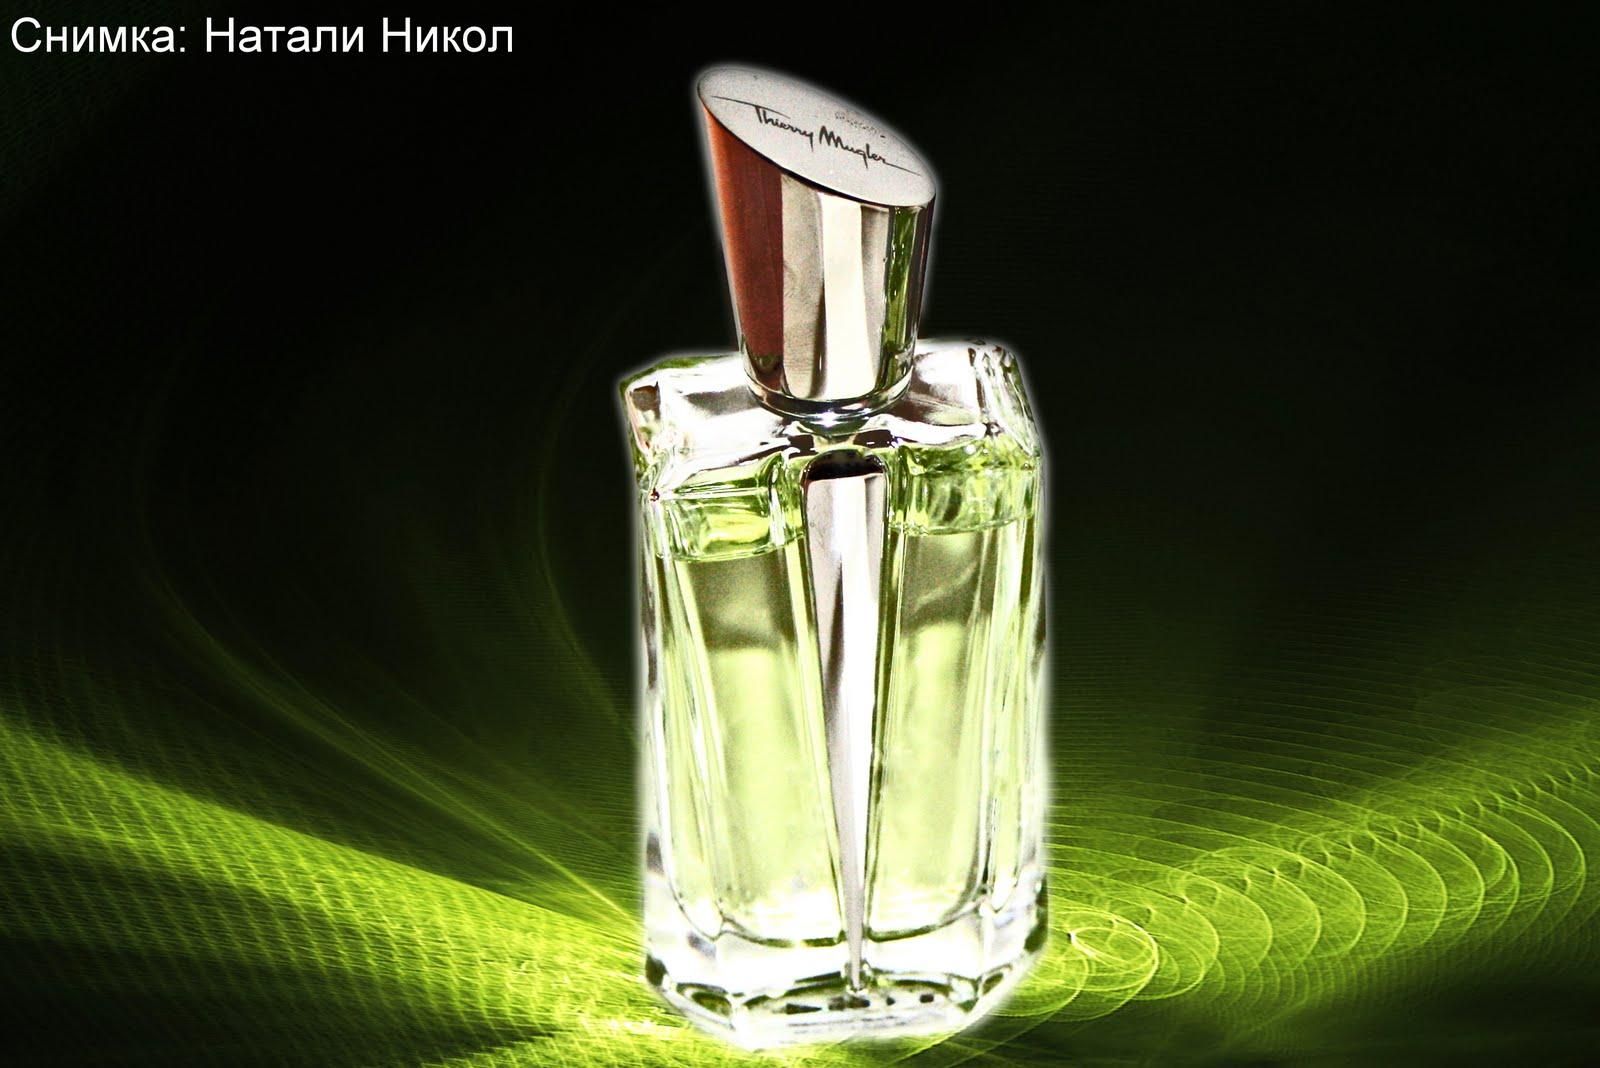 Miroir des vanit s thierry mugler for Miroir des secrets thierry mugler